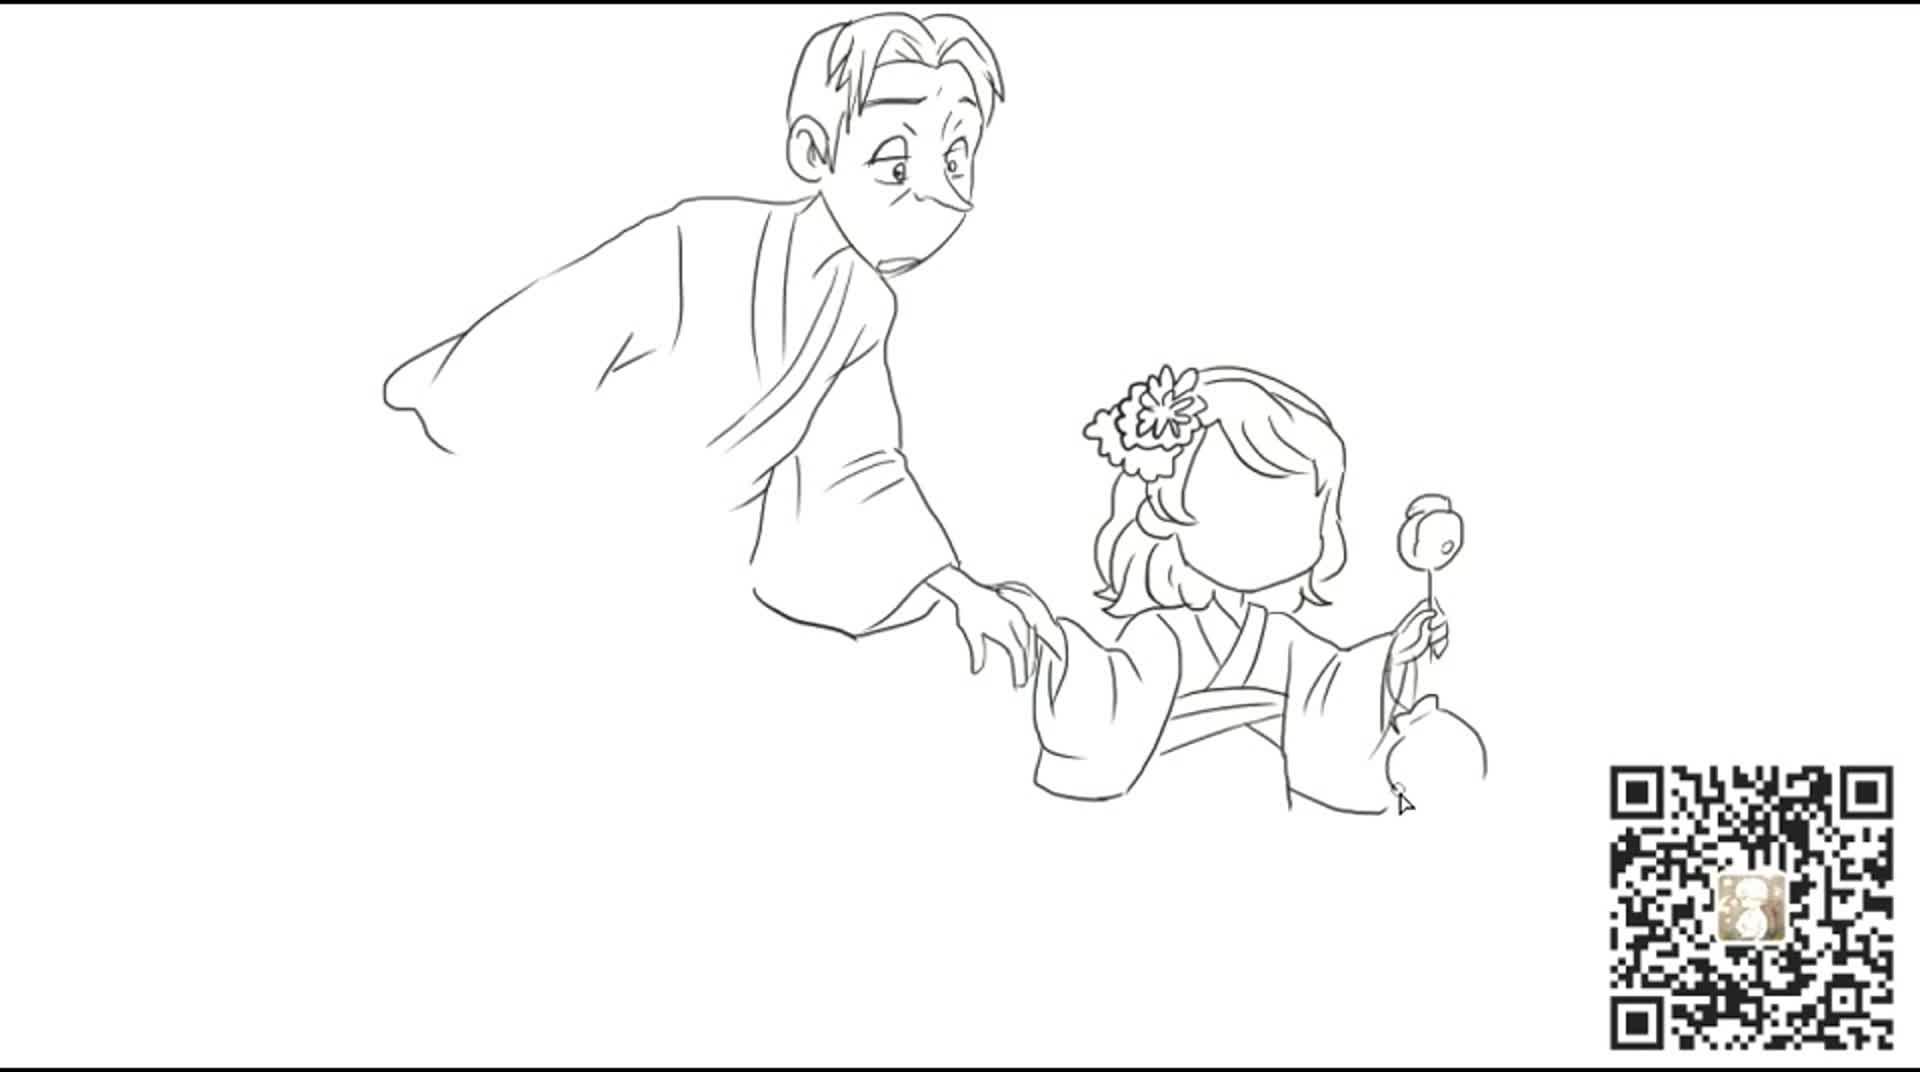 [小林画的]可爱的小公主苏菲亚与魔法师赛克逛庙会卡通线稿简笔画